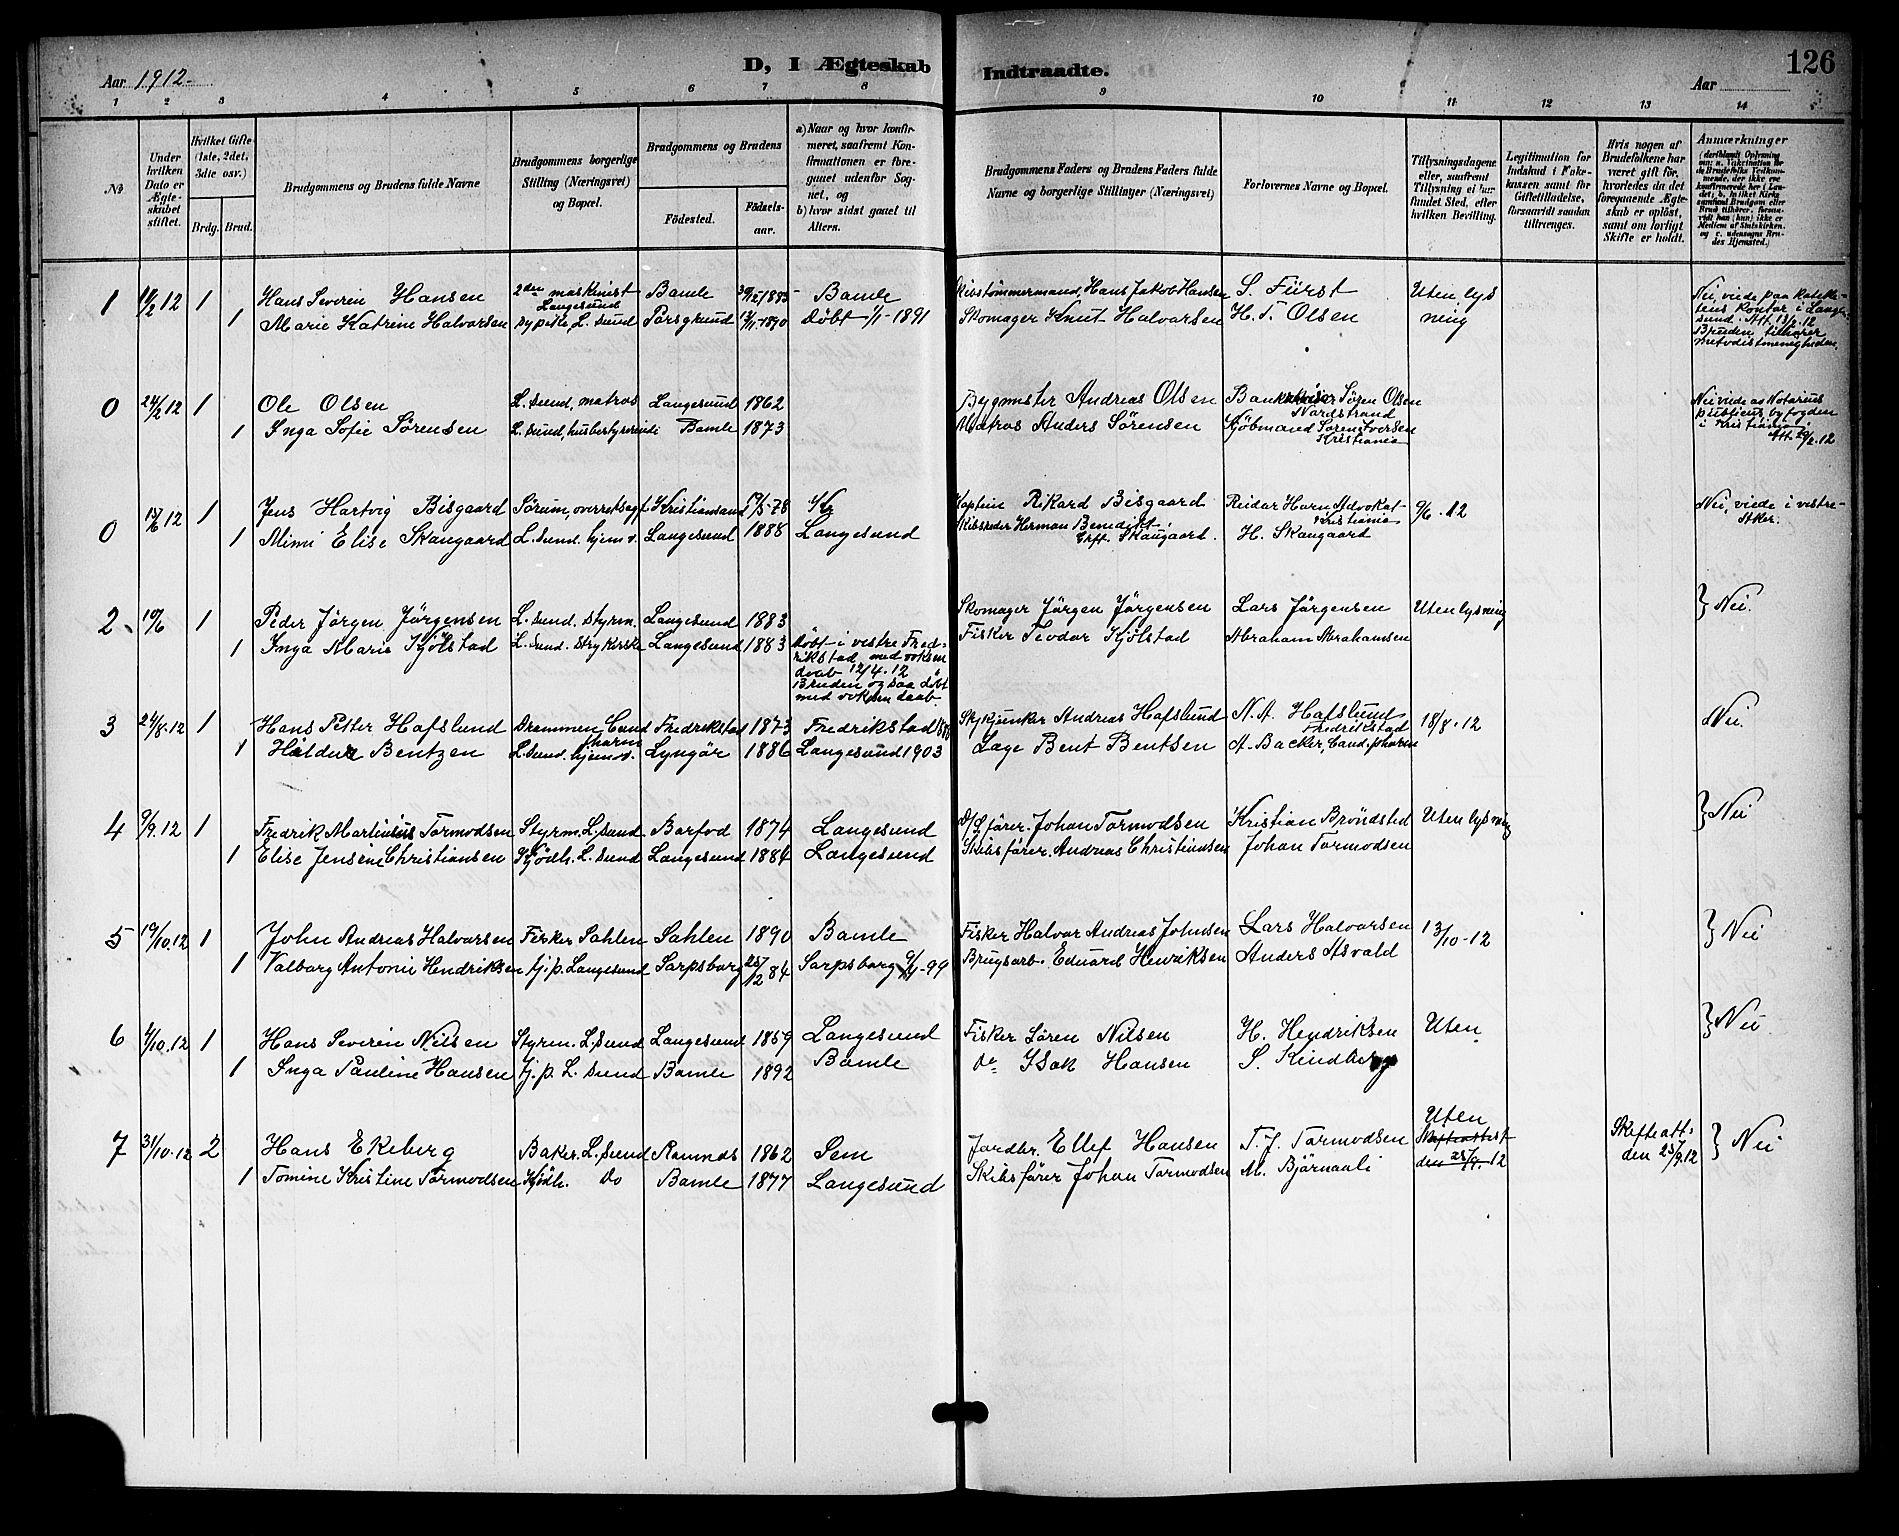 SAKO, Langesund kirkebøker, G/Ga/L0006: Klokkerbok nr. 6, 1899-1918, s. 126